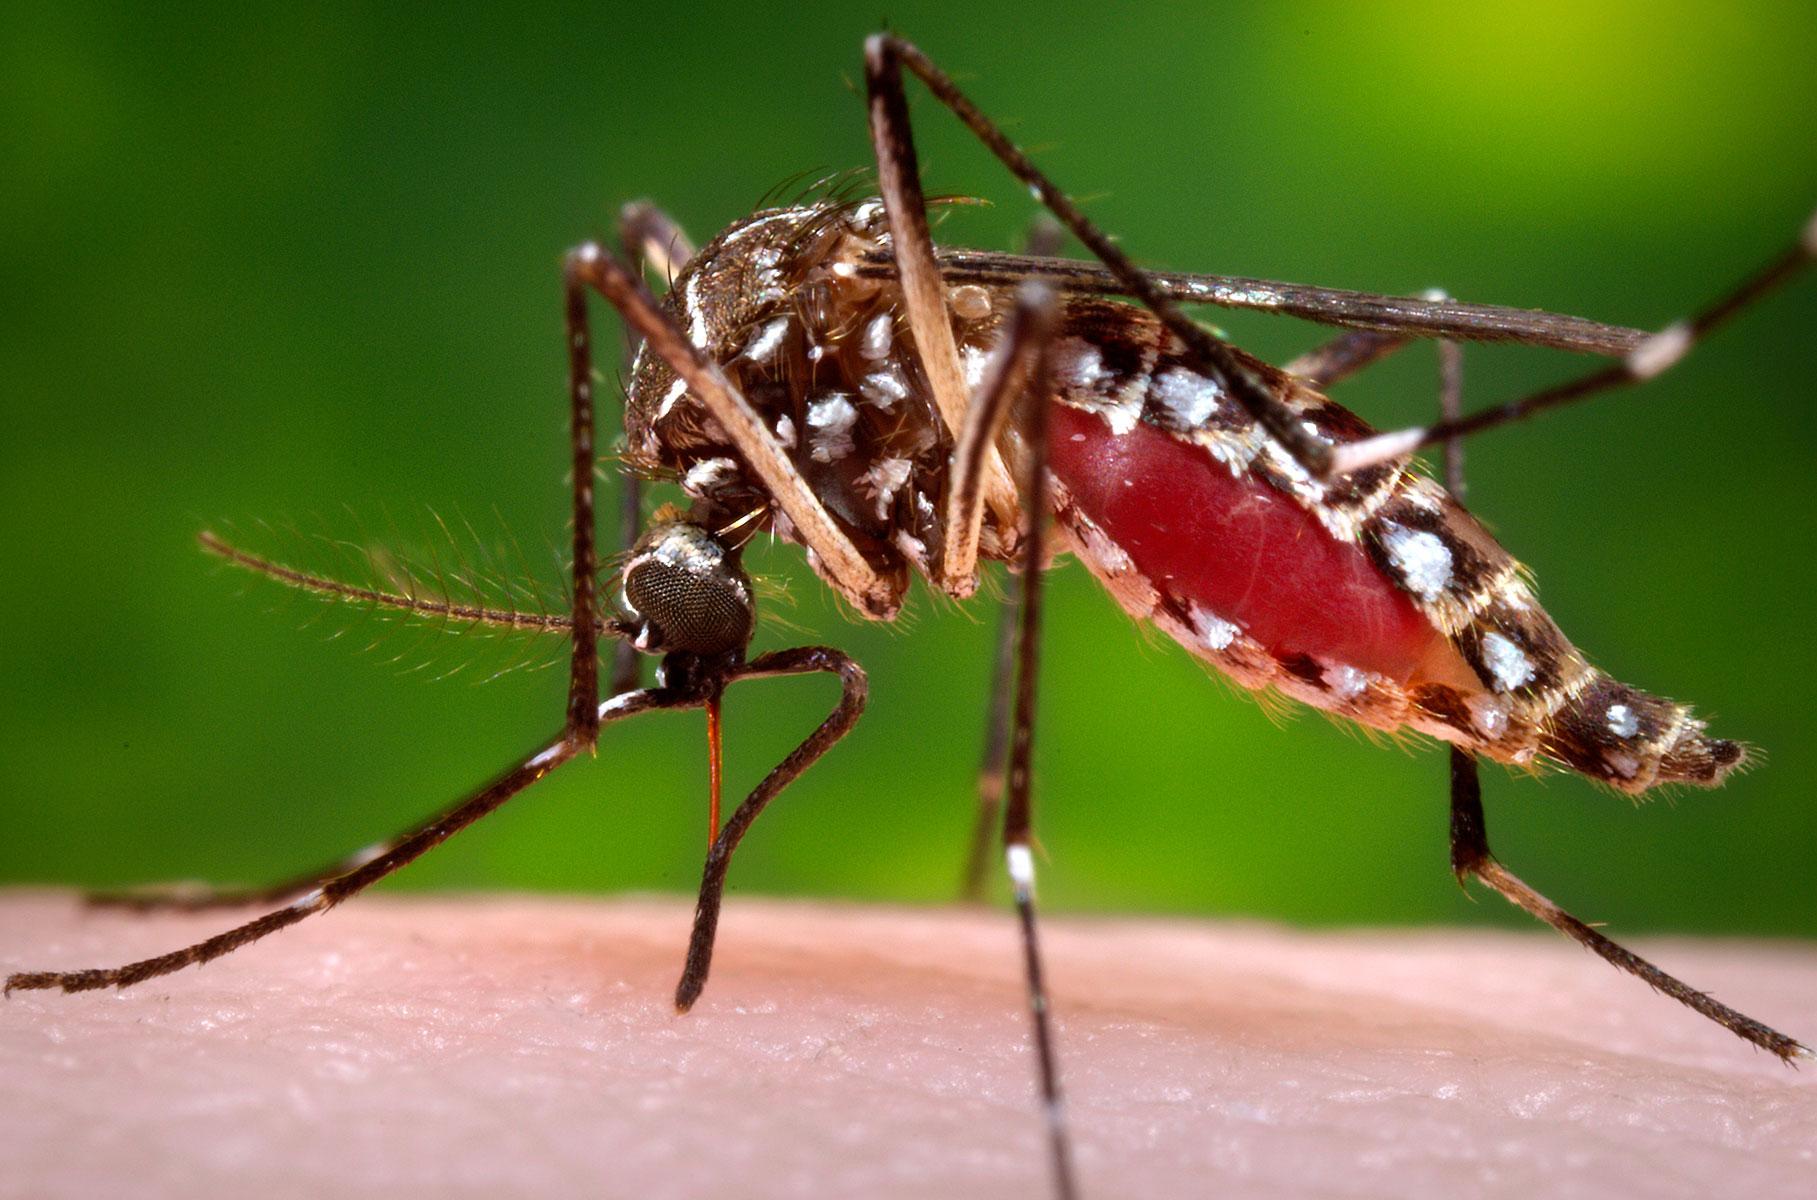 МИД предупреждает россиян олихорадке денге вБразилии